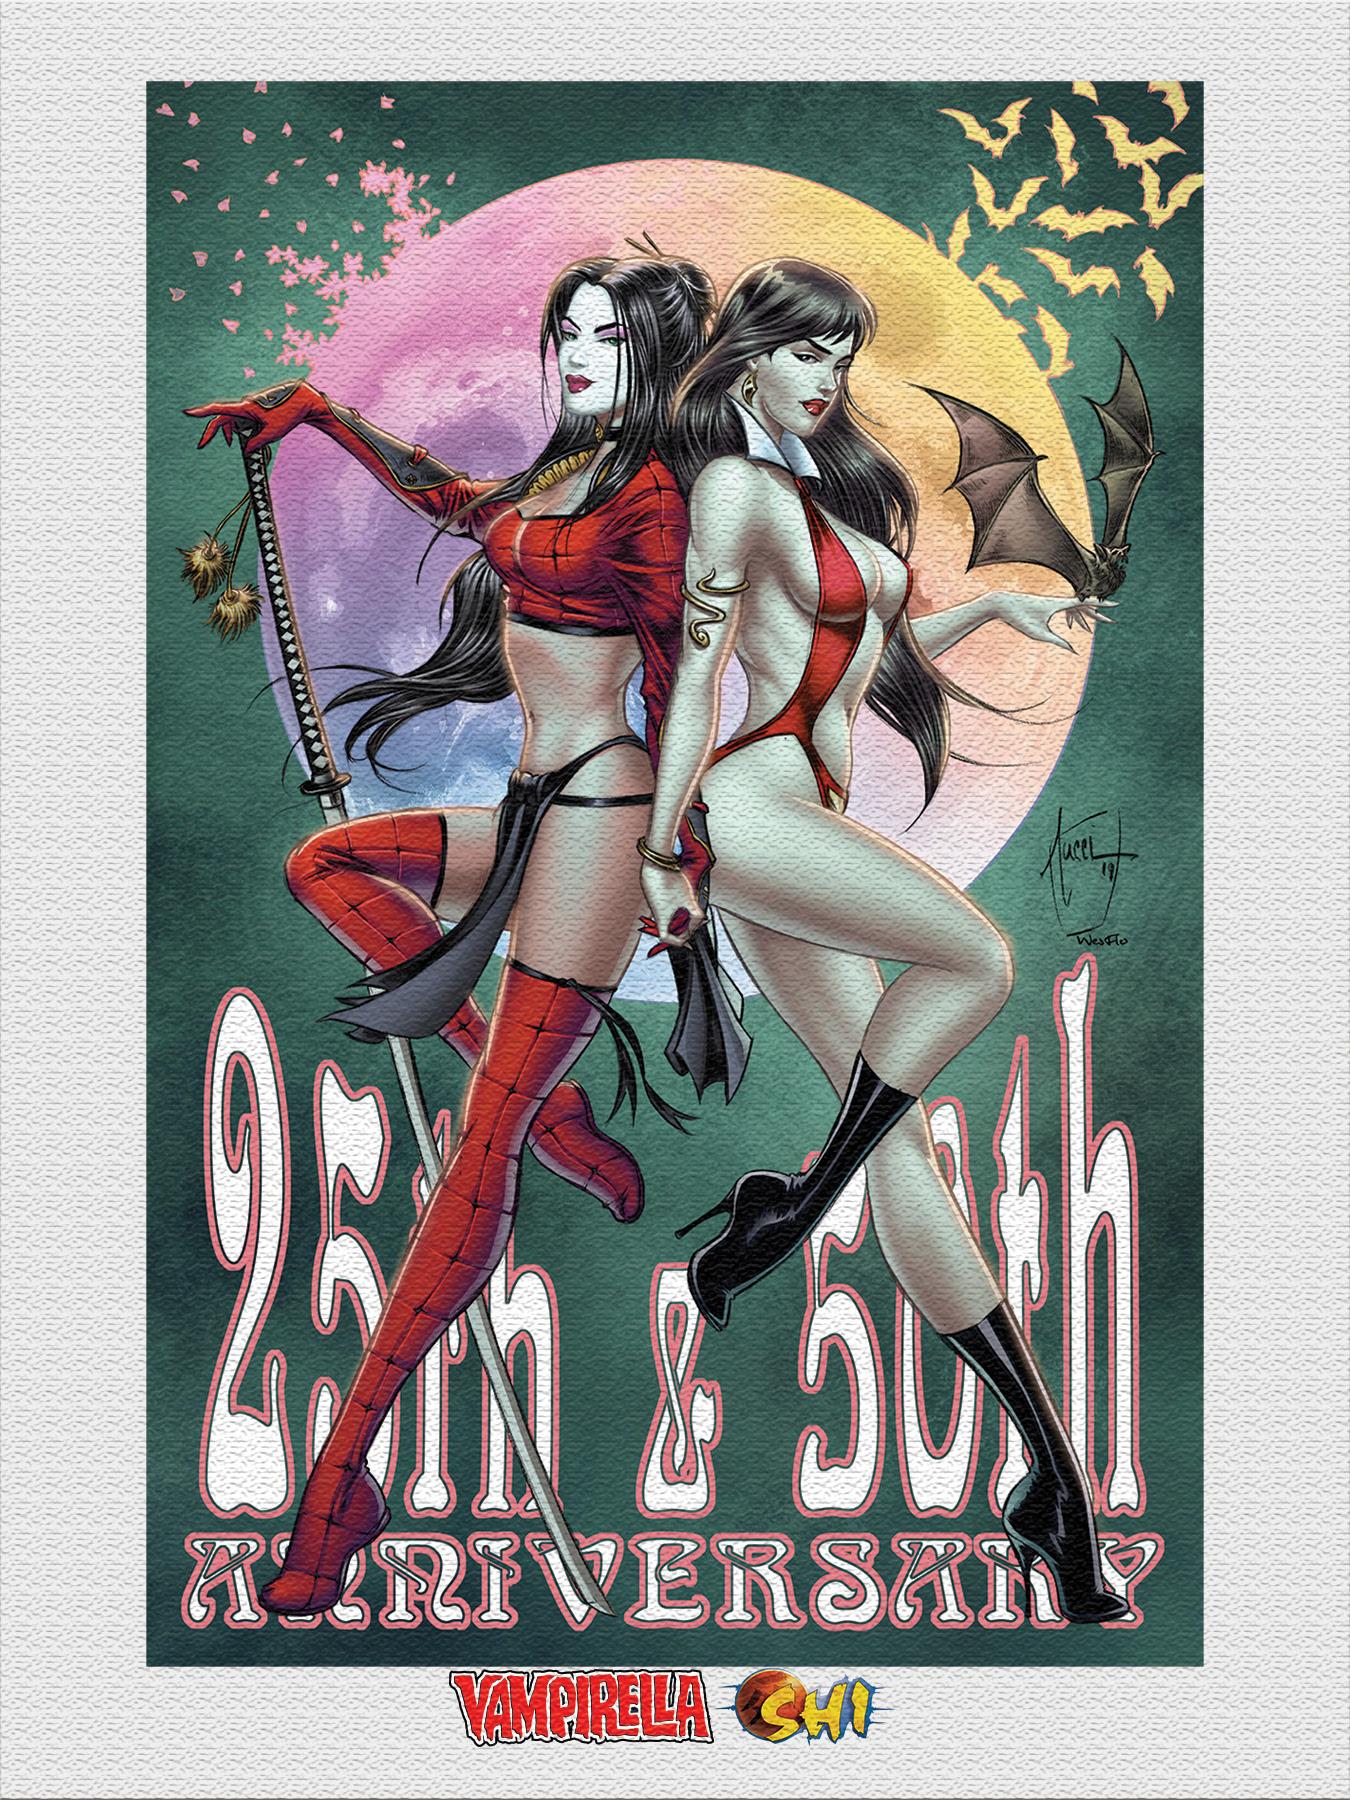 Vampirella and Shi